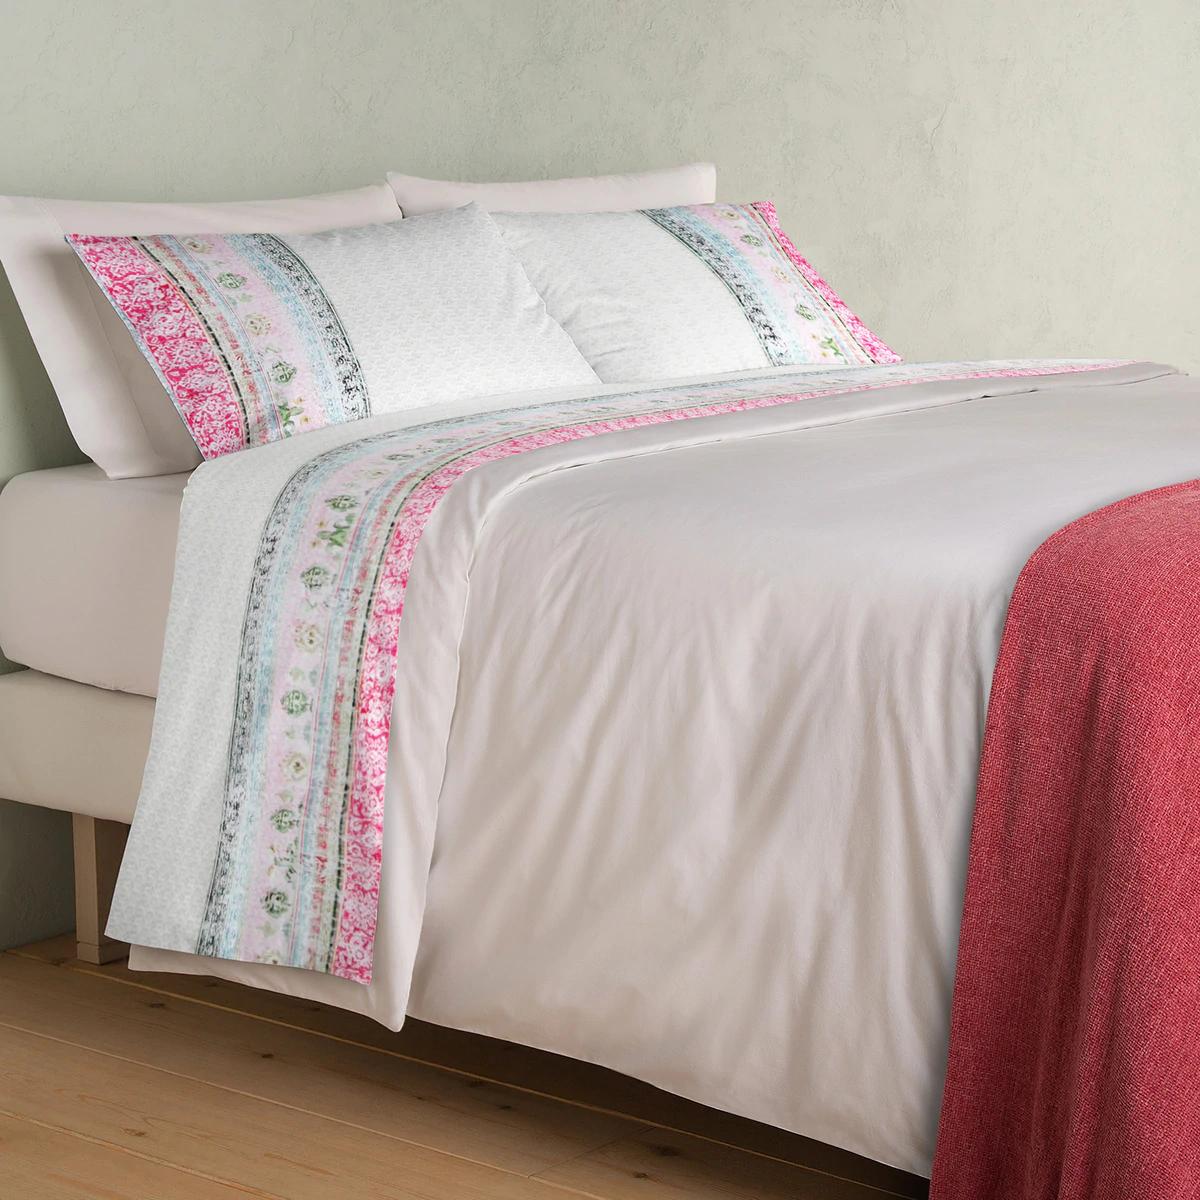 Set of sheets on offer